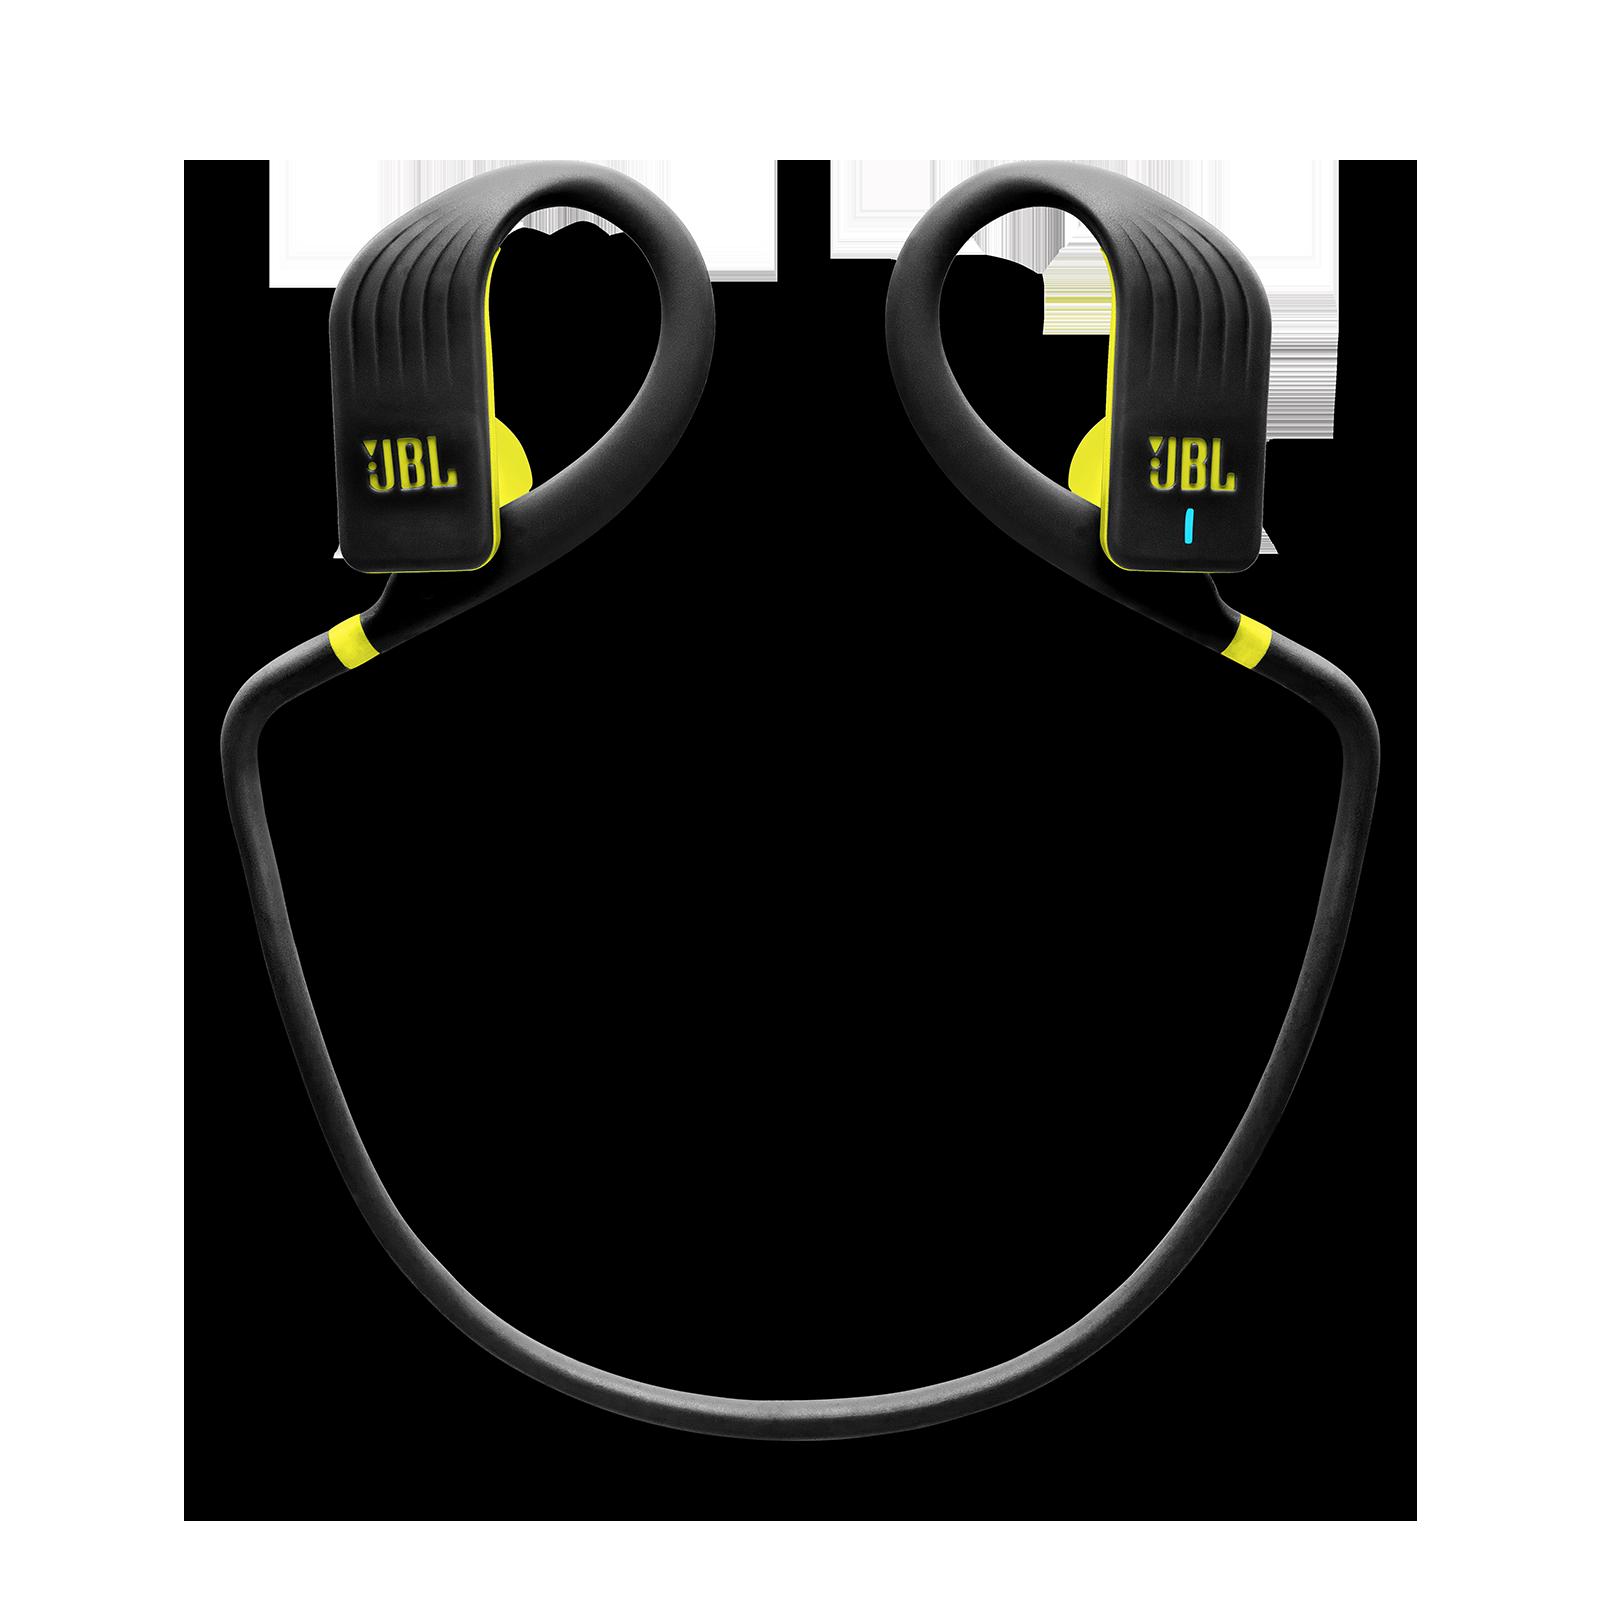 JBL Endurance JUMP - Yellow - Waterproof Wireless Sport In-Ear Headphones - Detailshot 2